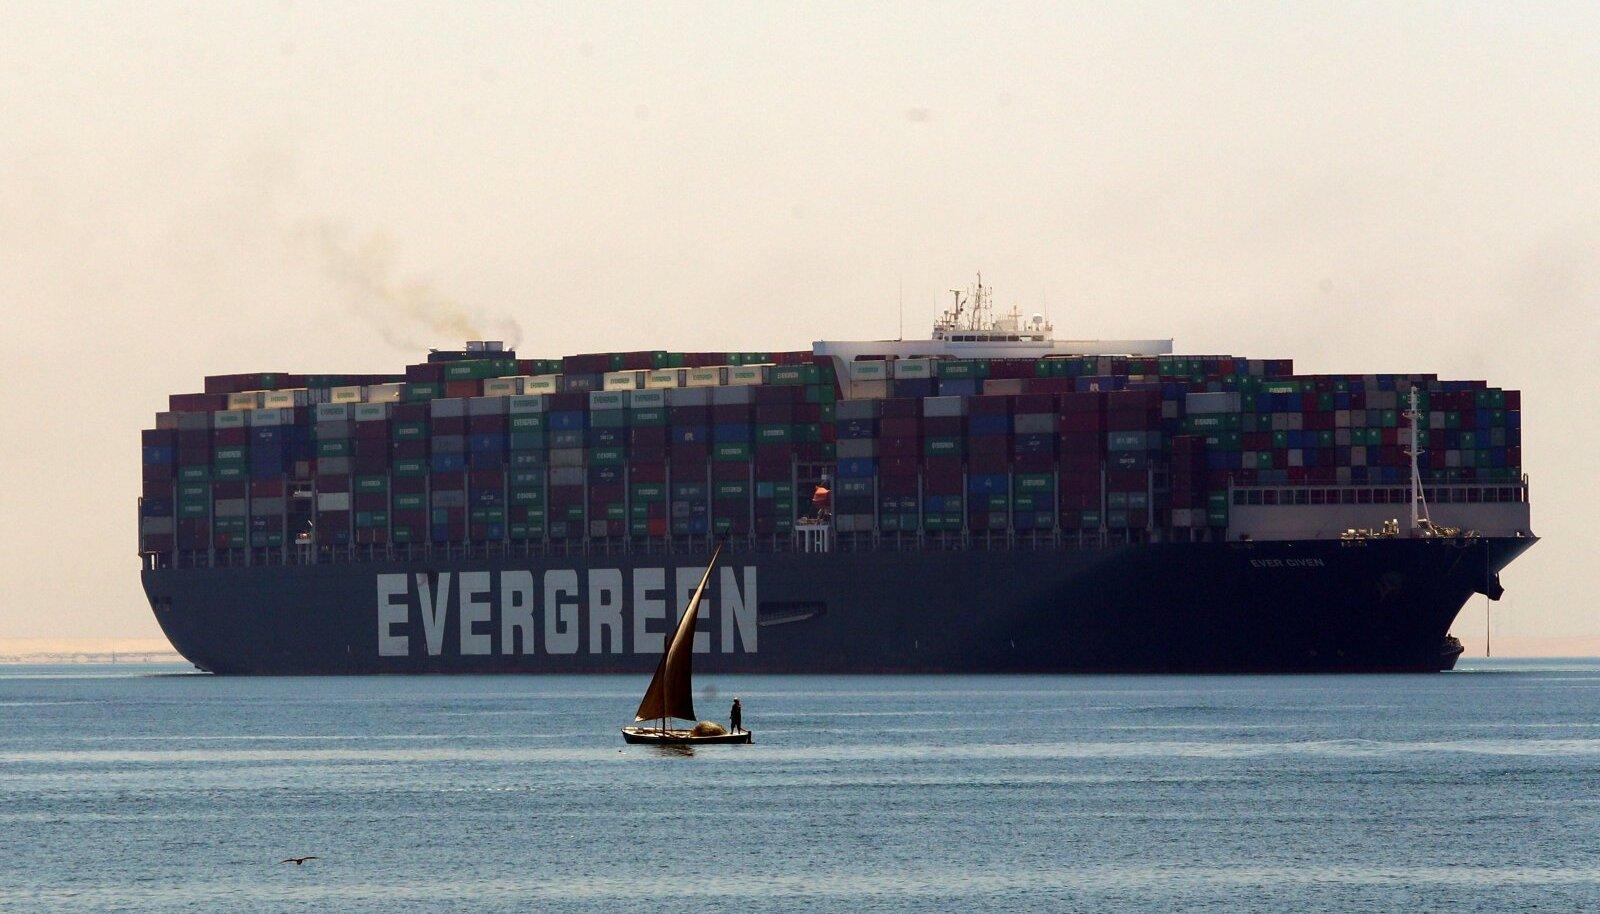 Vabastatud konteinerlaev lahkumas Suessi kanalist